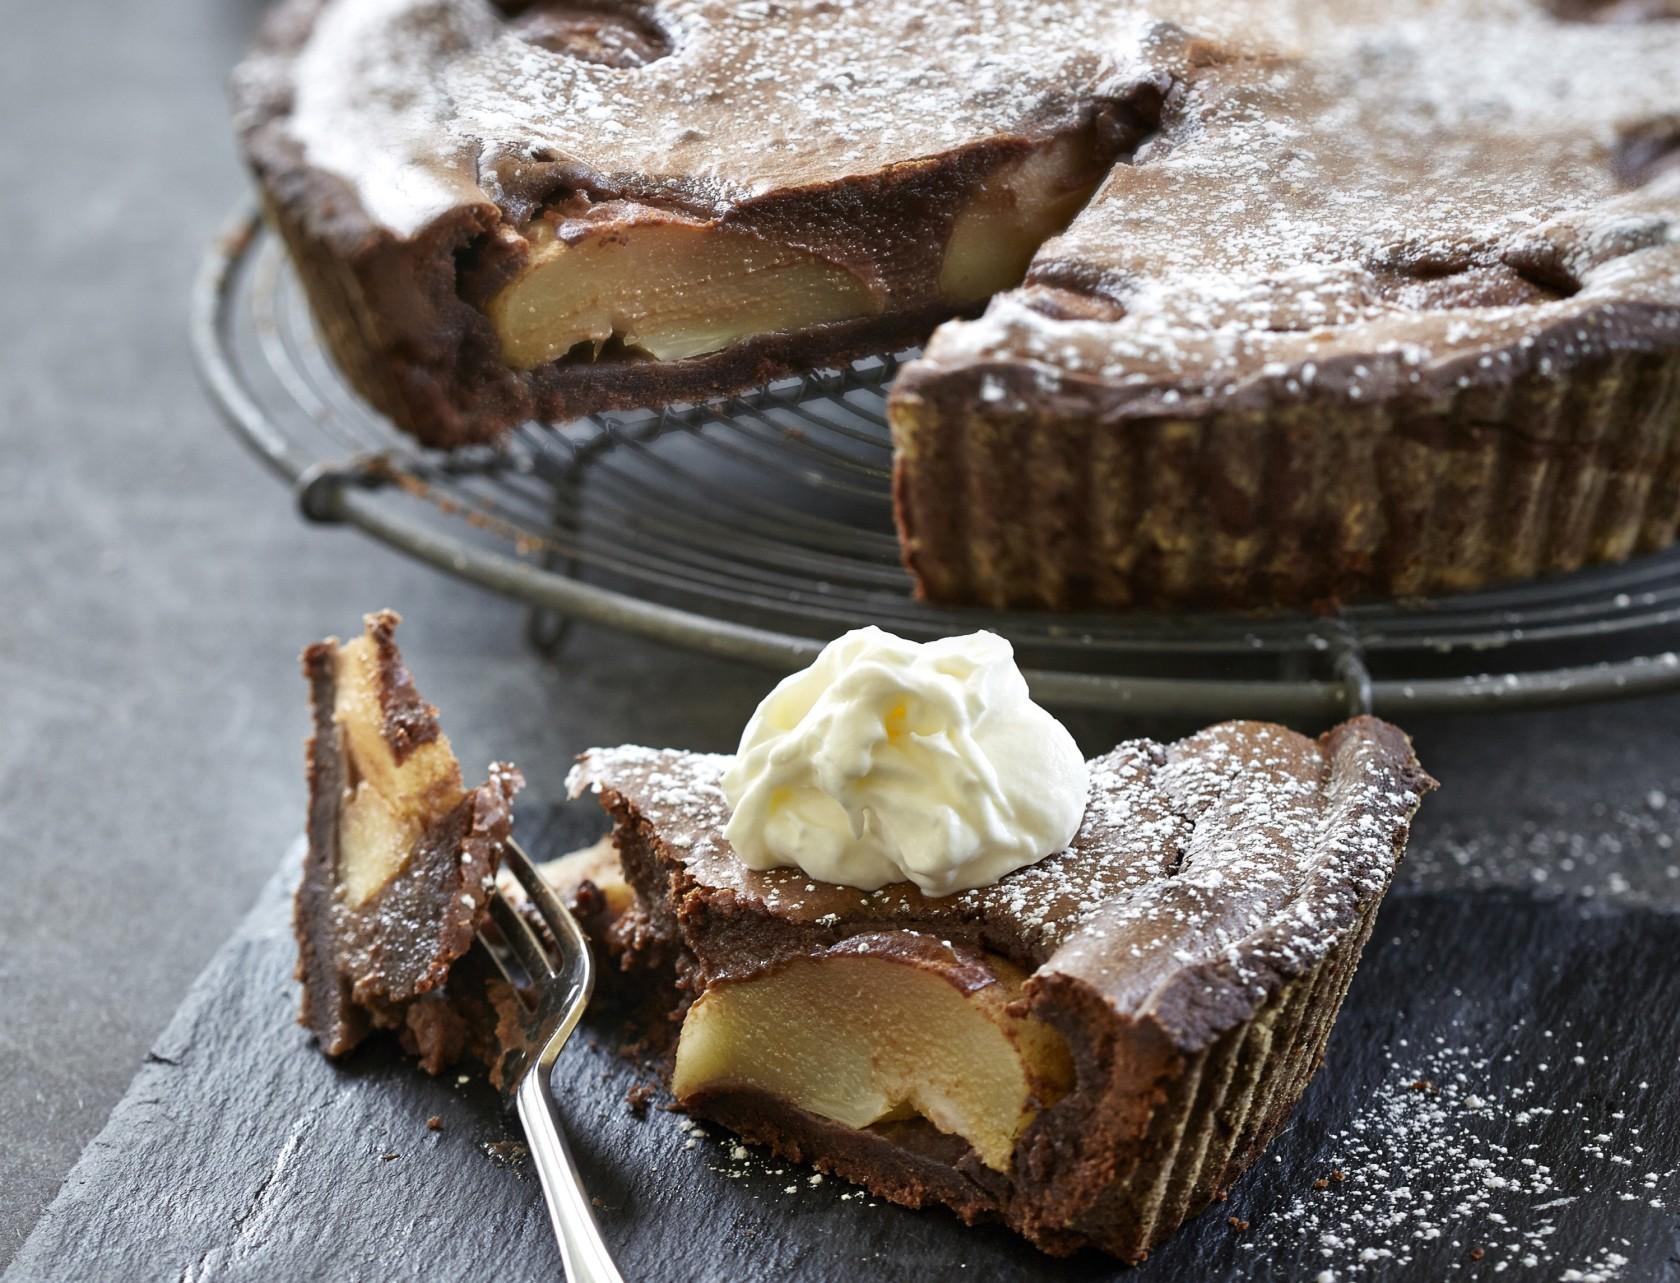 Pæretærte med marcipan og chokolade